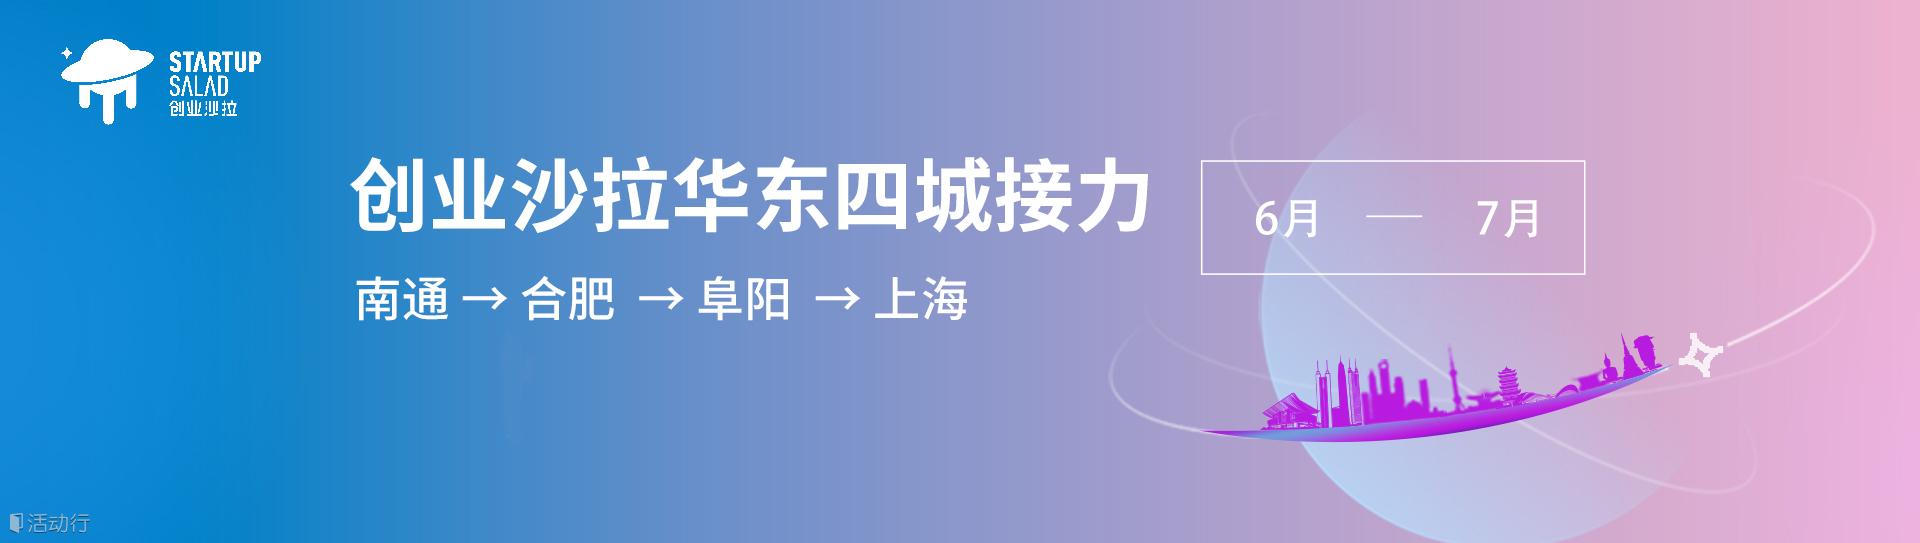 创业沙拉华东四城接力